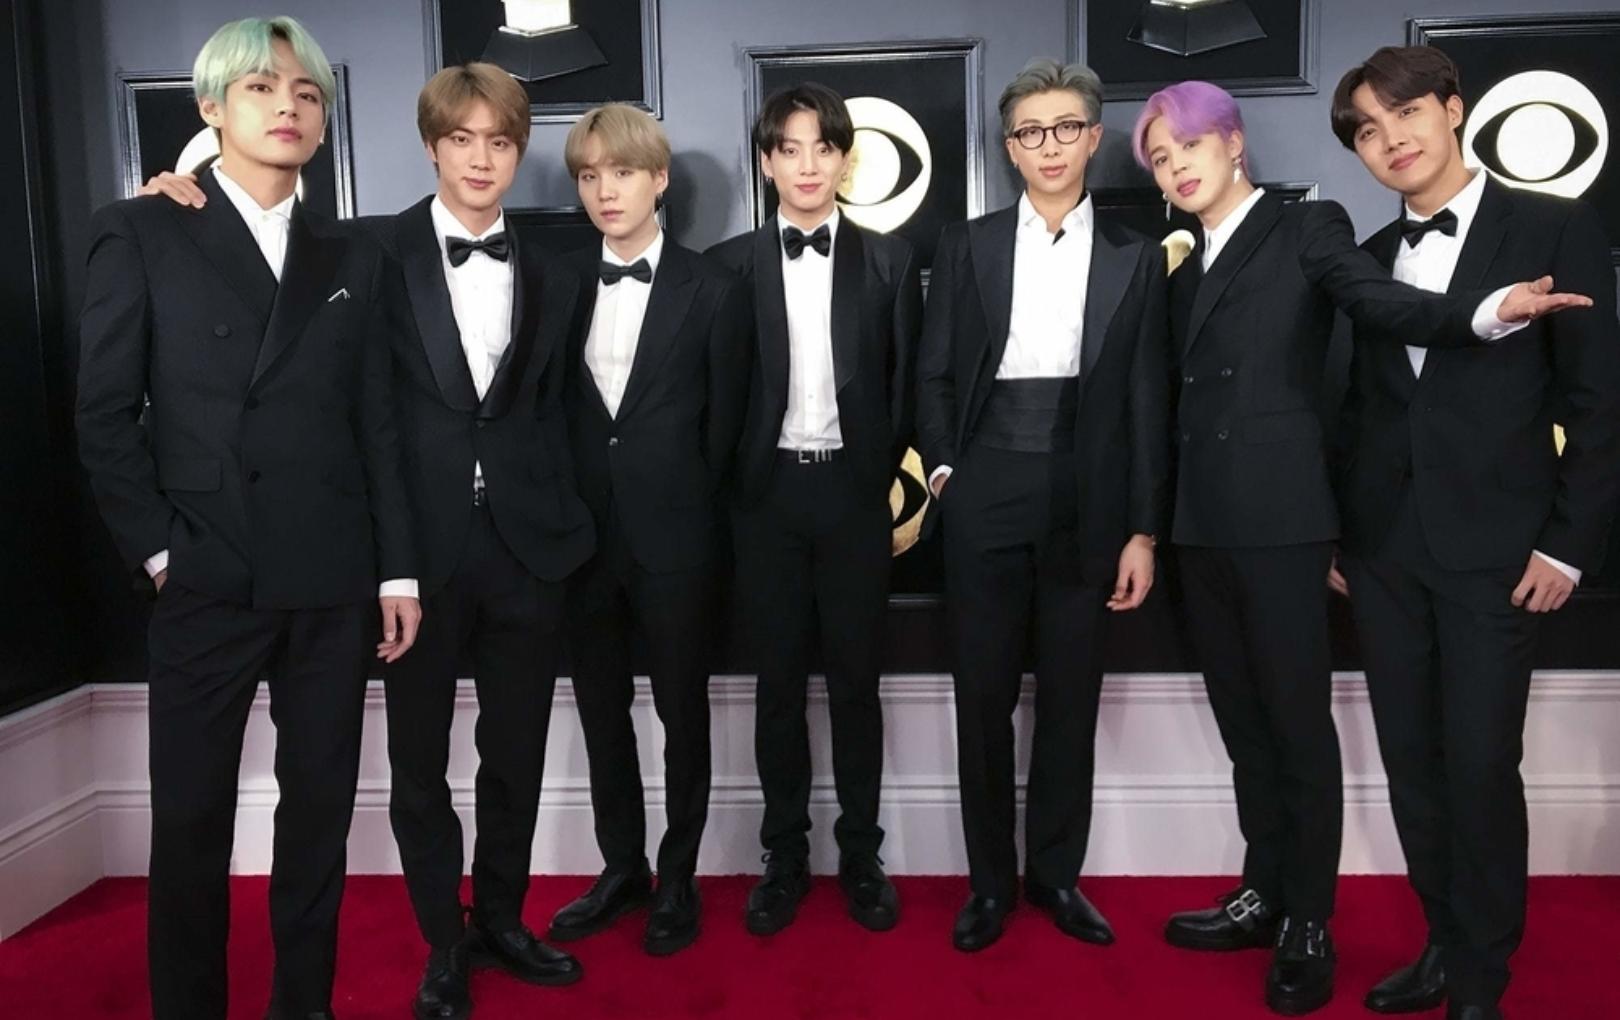 BTS chính thức trở thành nghệ sĩ Hàn Quốc đầu tiên trình diễn tại Grammy, được xếp ngồi cạnh Taylor Swift